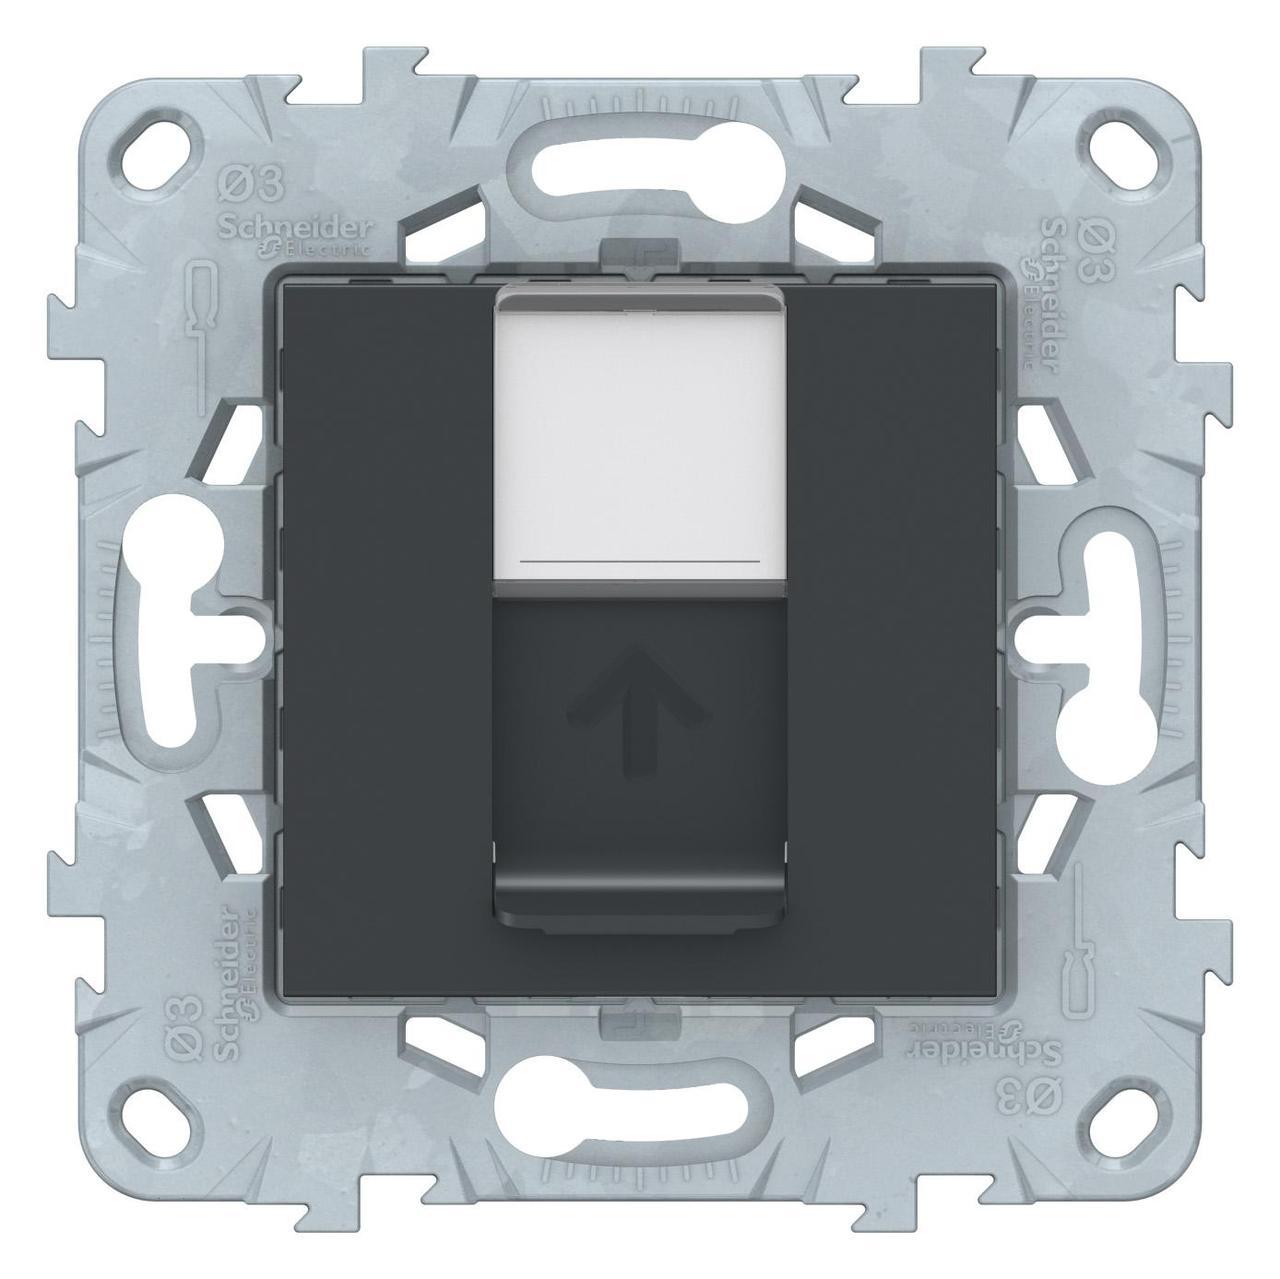 Розетка компьютерная 1-ая кат.6, RJ-45 (интернет) , Антрацит, серия Unica New, Schneider Electric